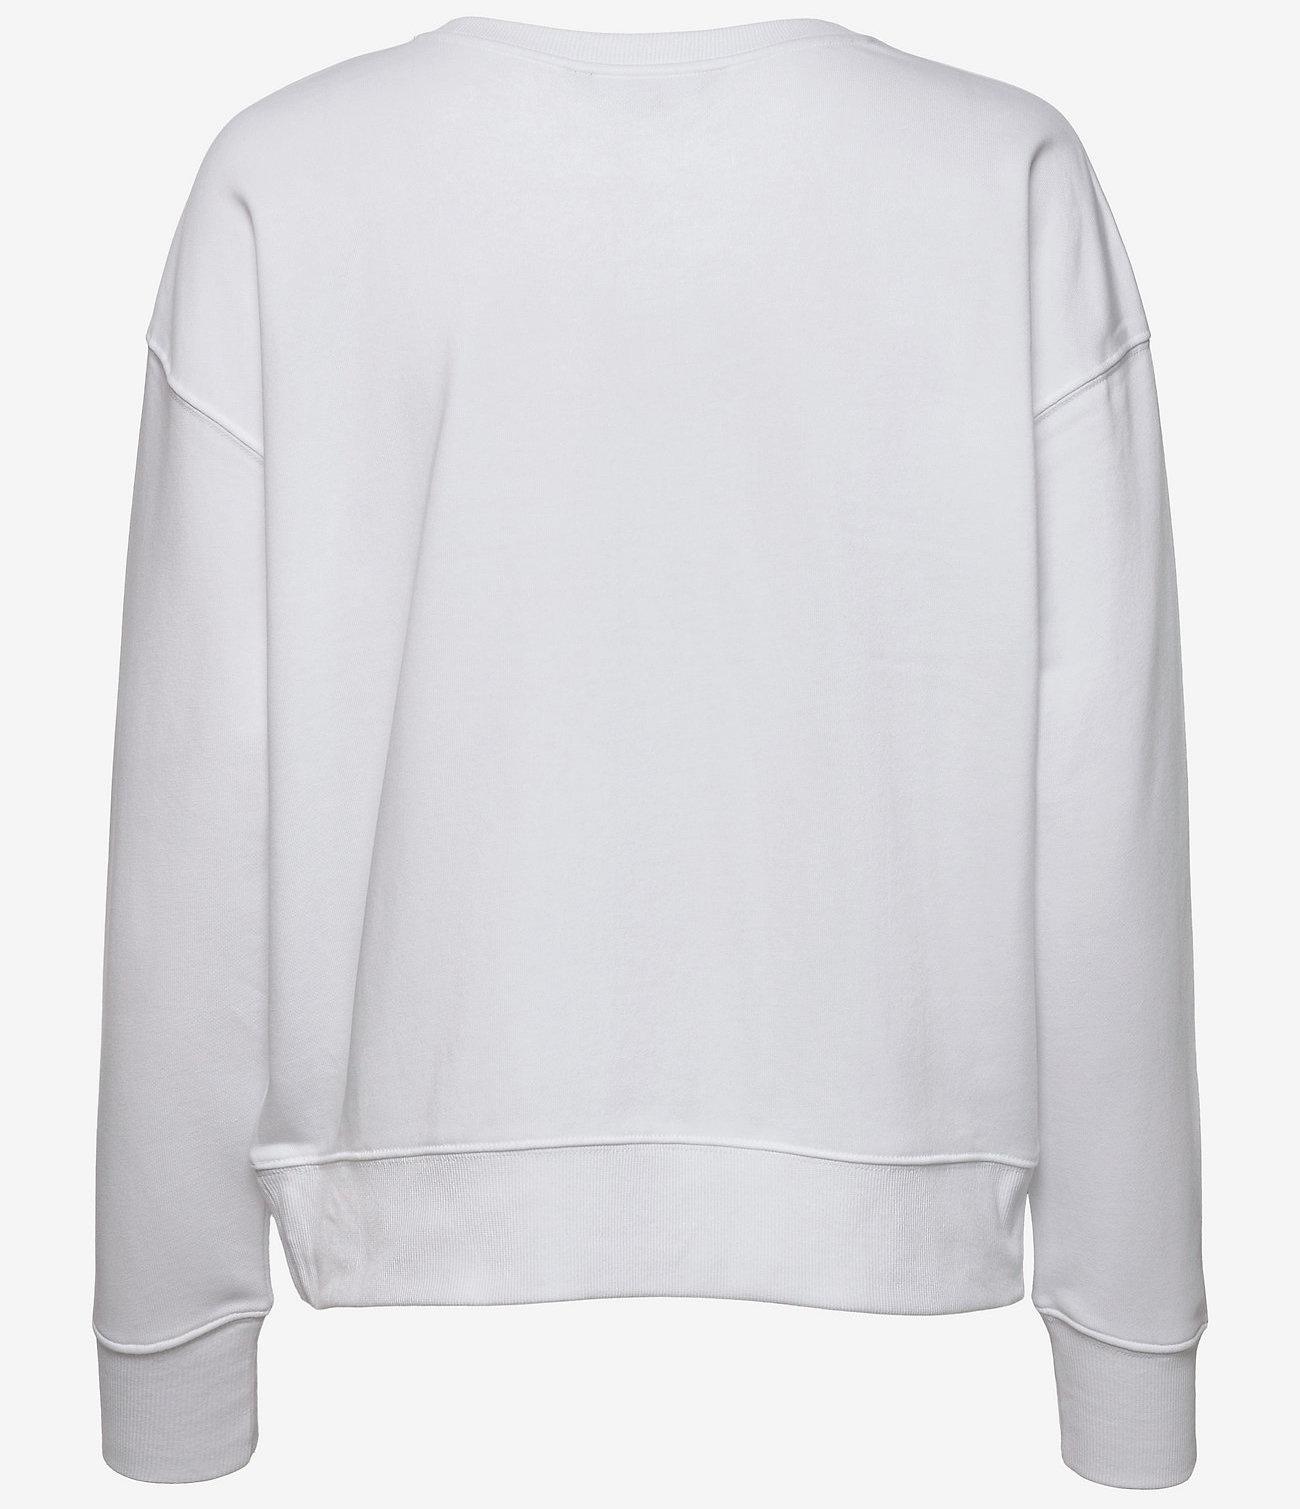 Lauren Ralph Lauren Dames pullover, wit